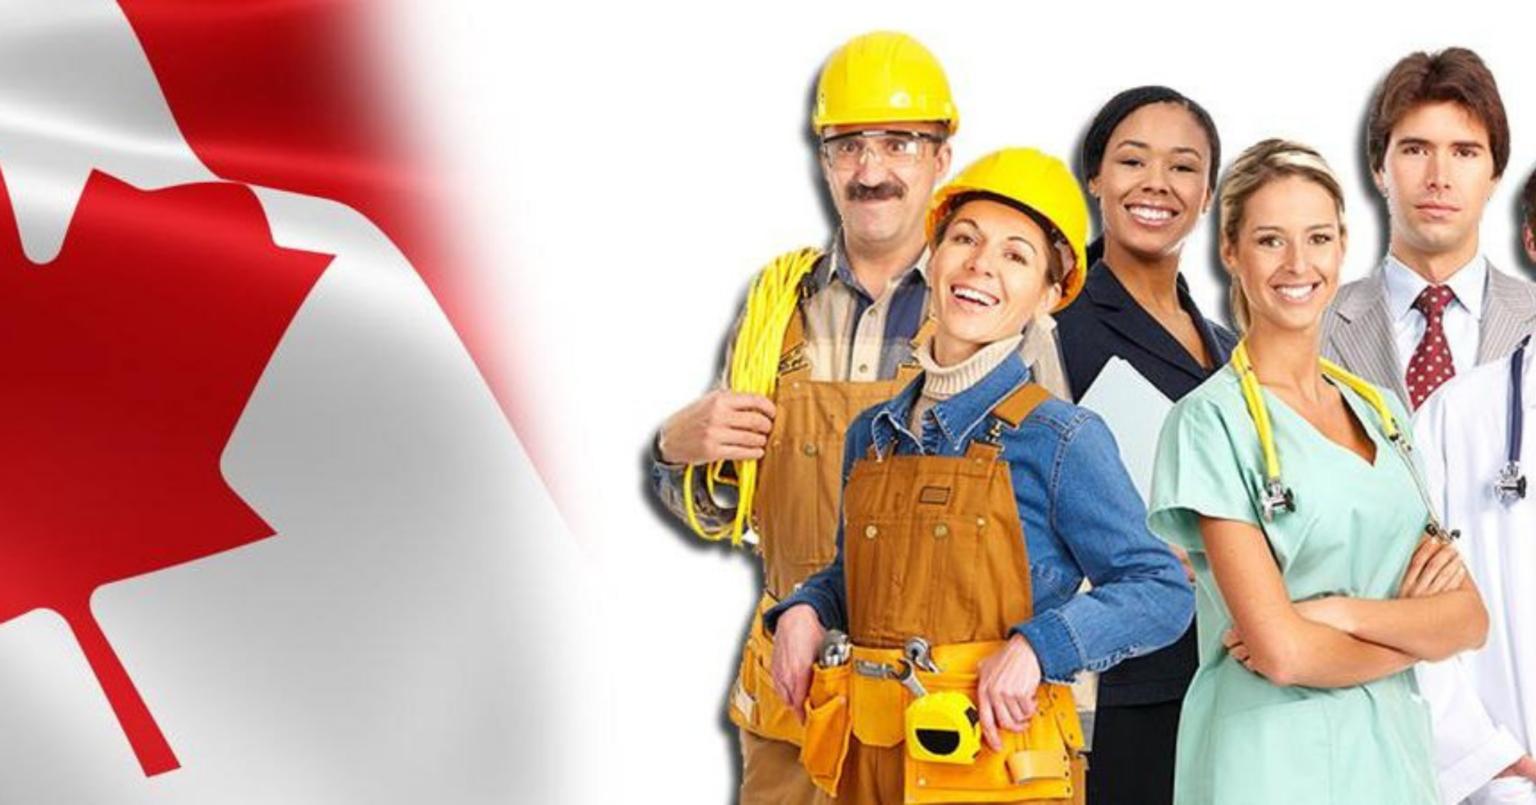 الهجرة الى كندا الحكومة الكندية تقرر استقبال 350 ألف شخص ابتداءا من سنة 2021